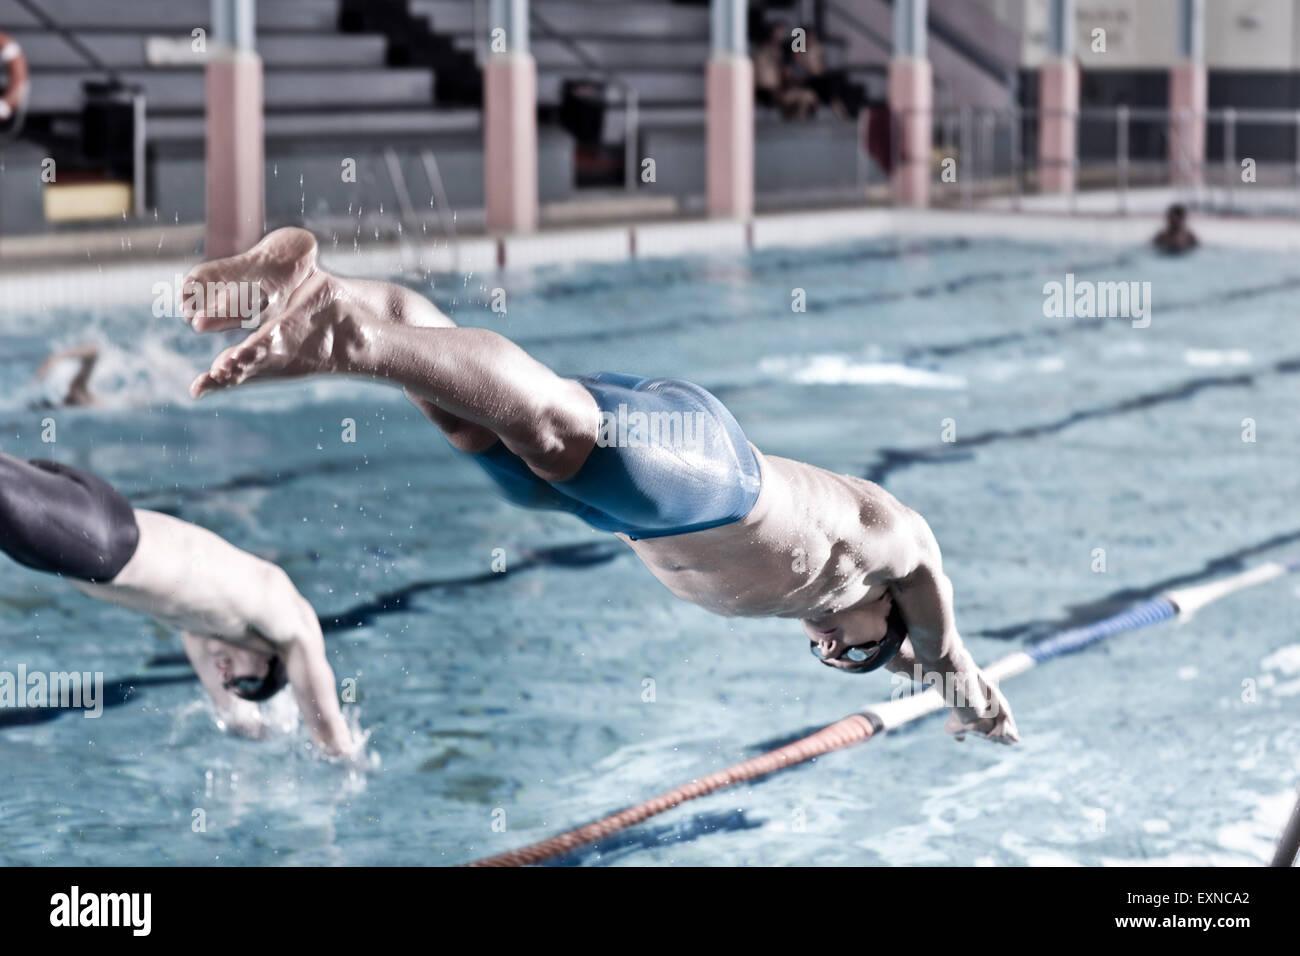 Zwei Schwimmer im Hallenbad ab Stockbild